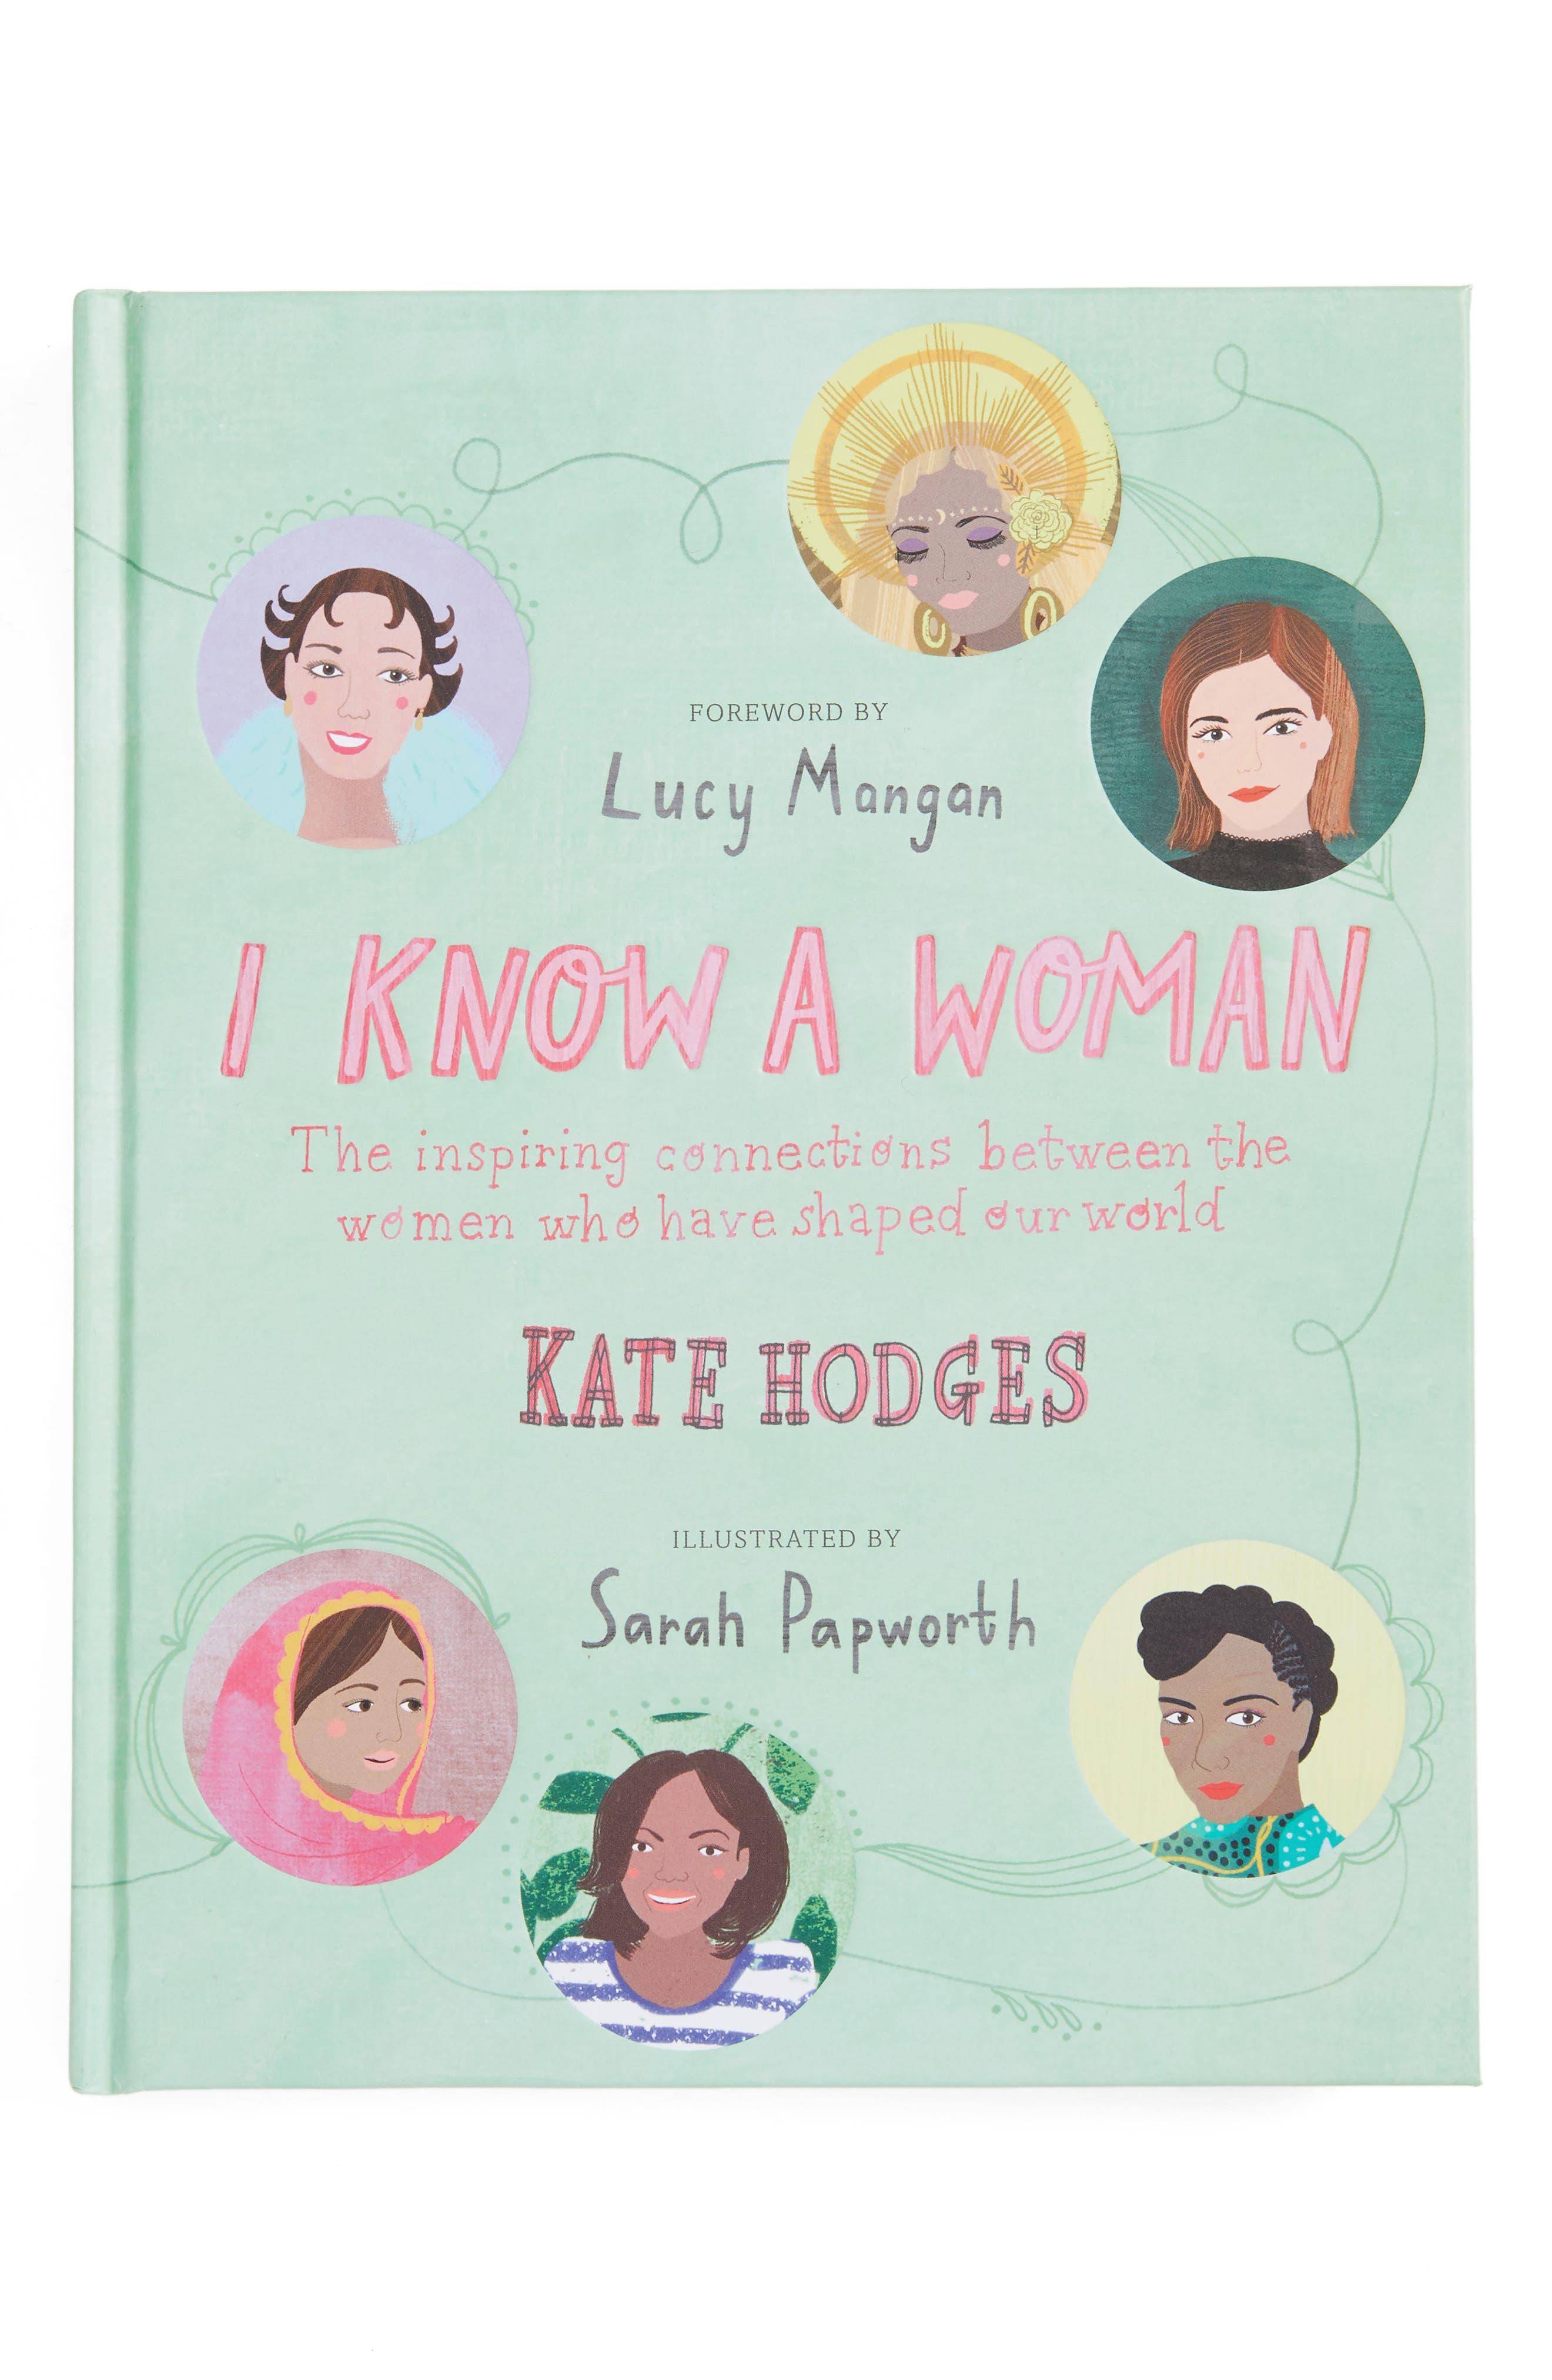 Quarto 'I Know a Woman' Book